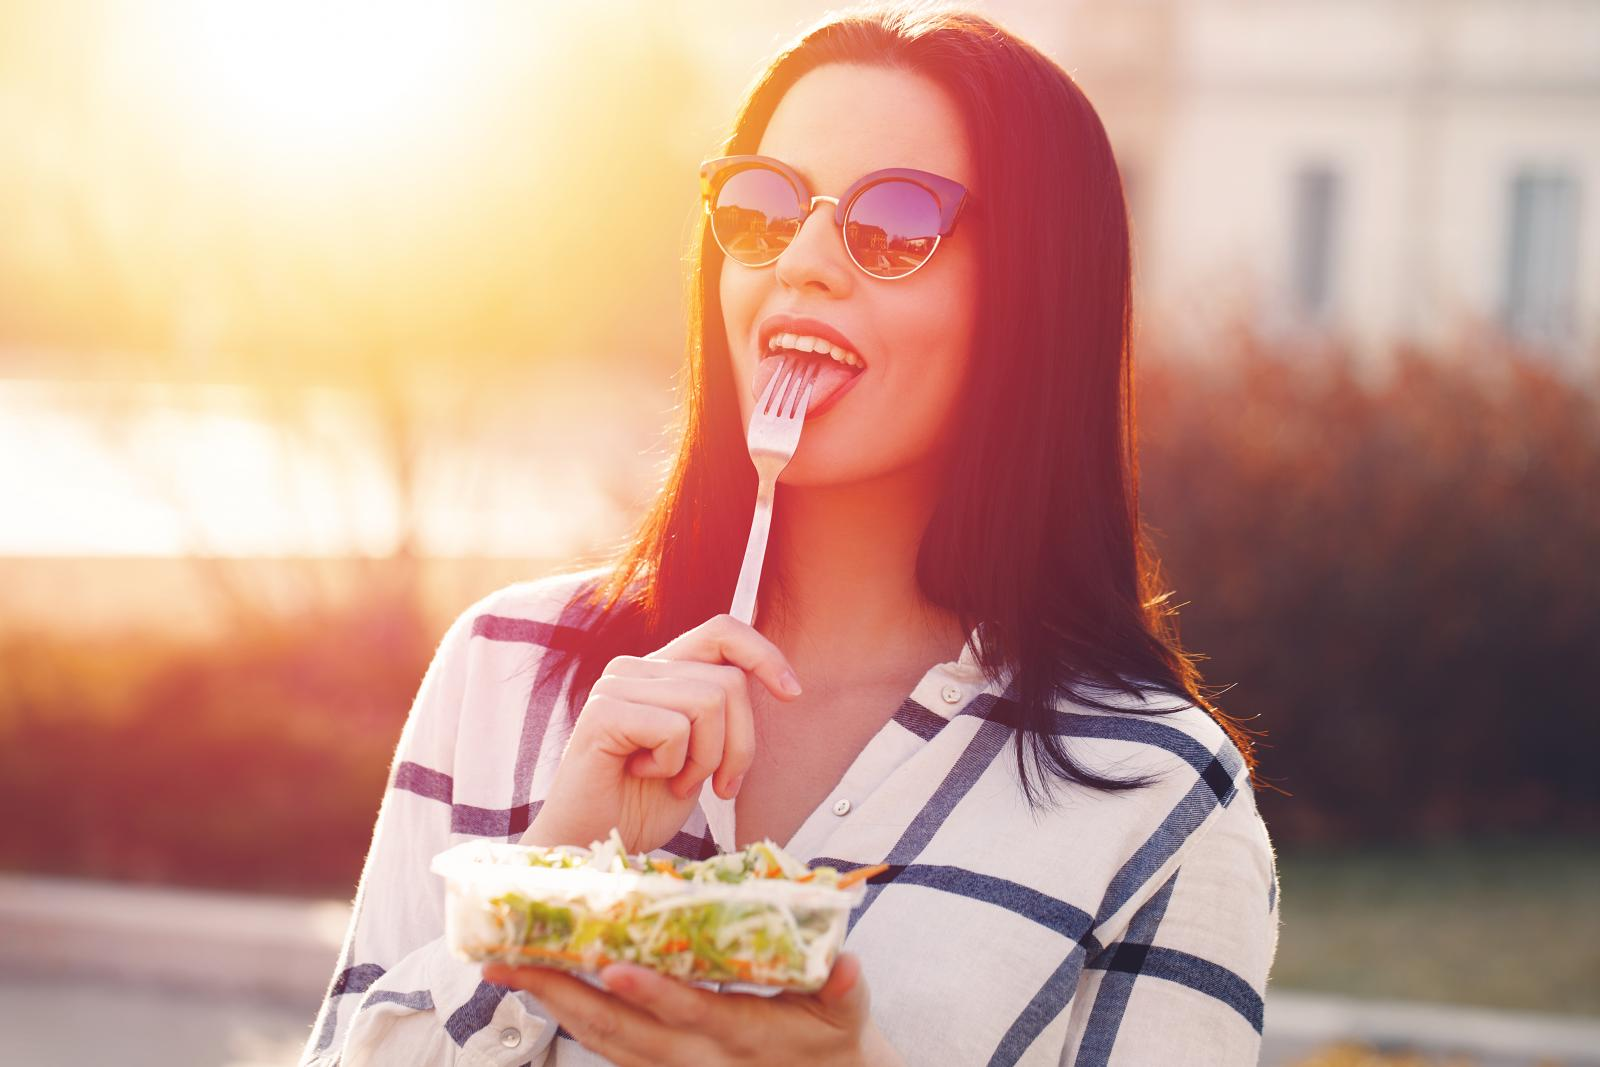 Ako je prehrana uravnotežena i raznolika, općenito zdravi čovjek njome zadovoljava svoje potrebe.